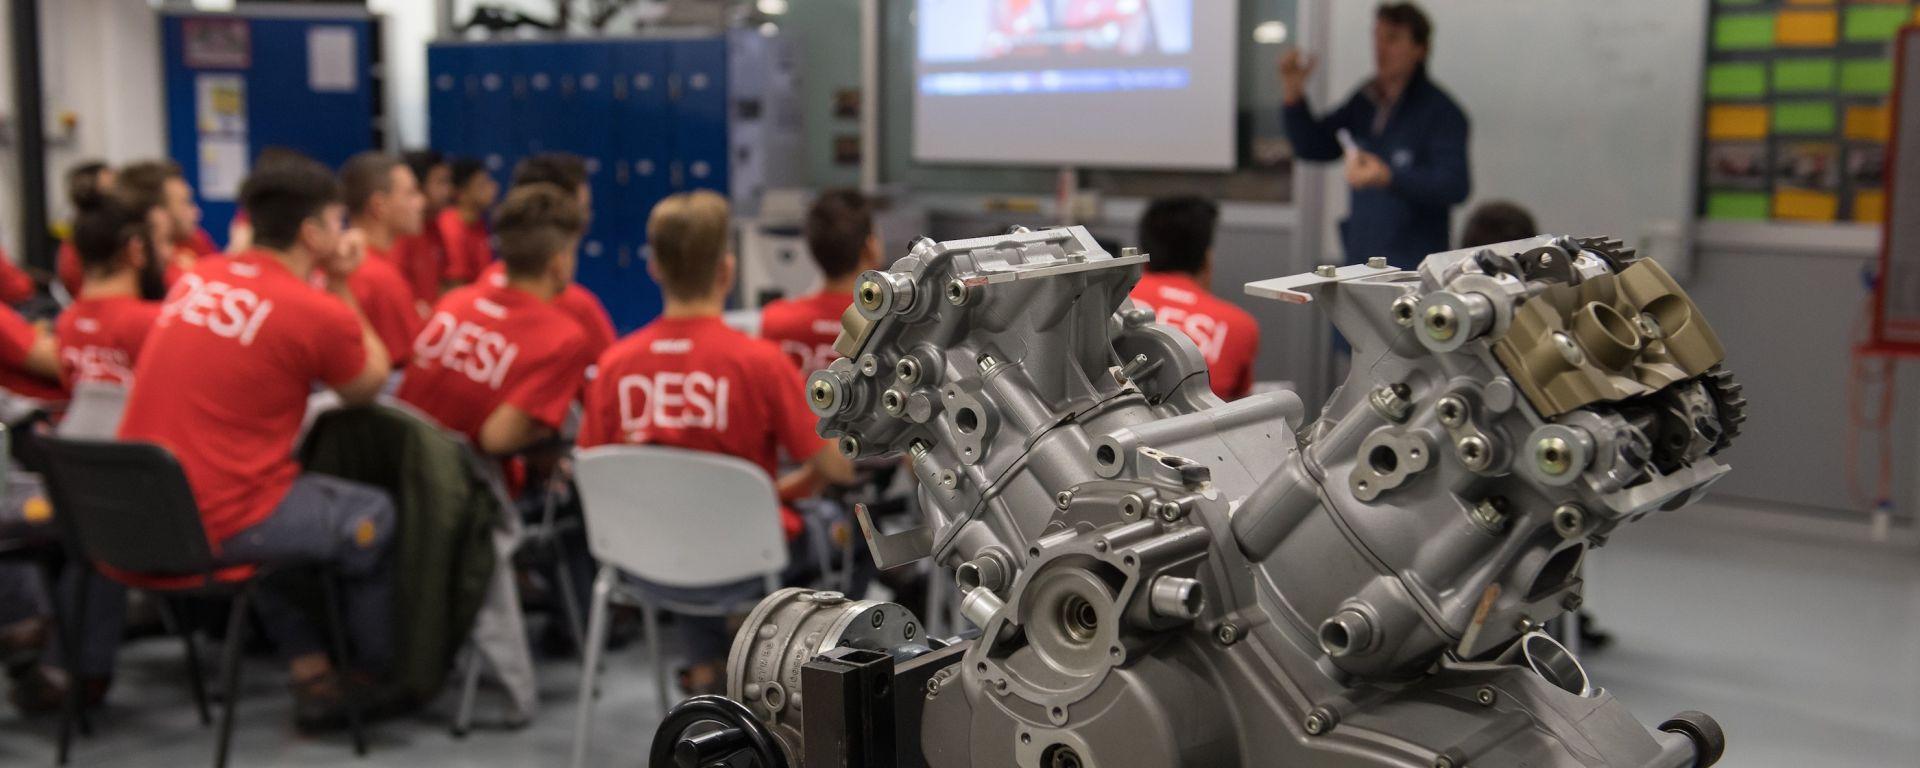 Ducati Progetto DESI II